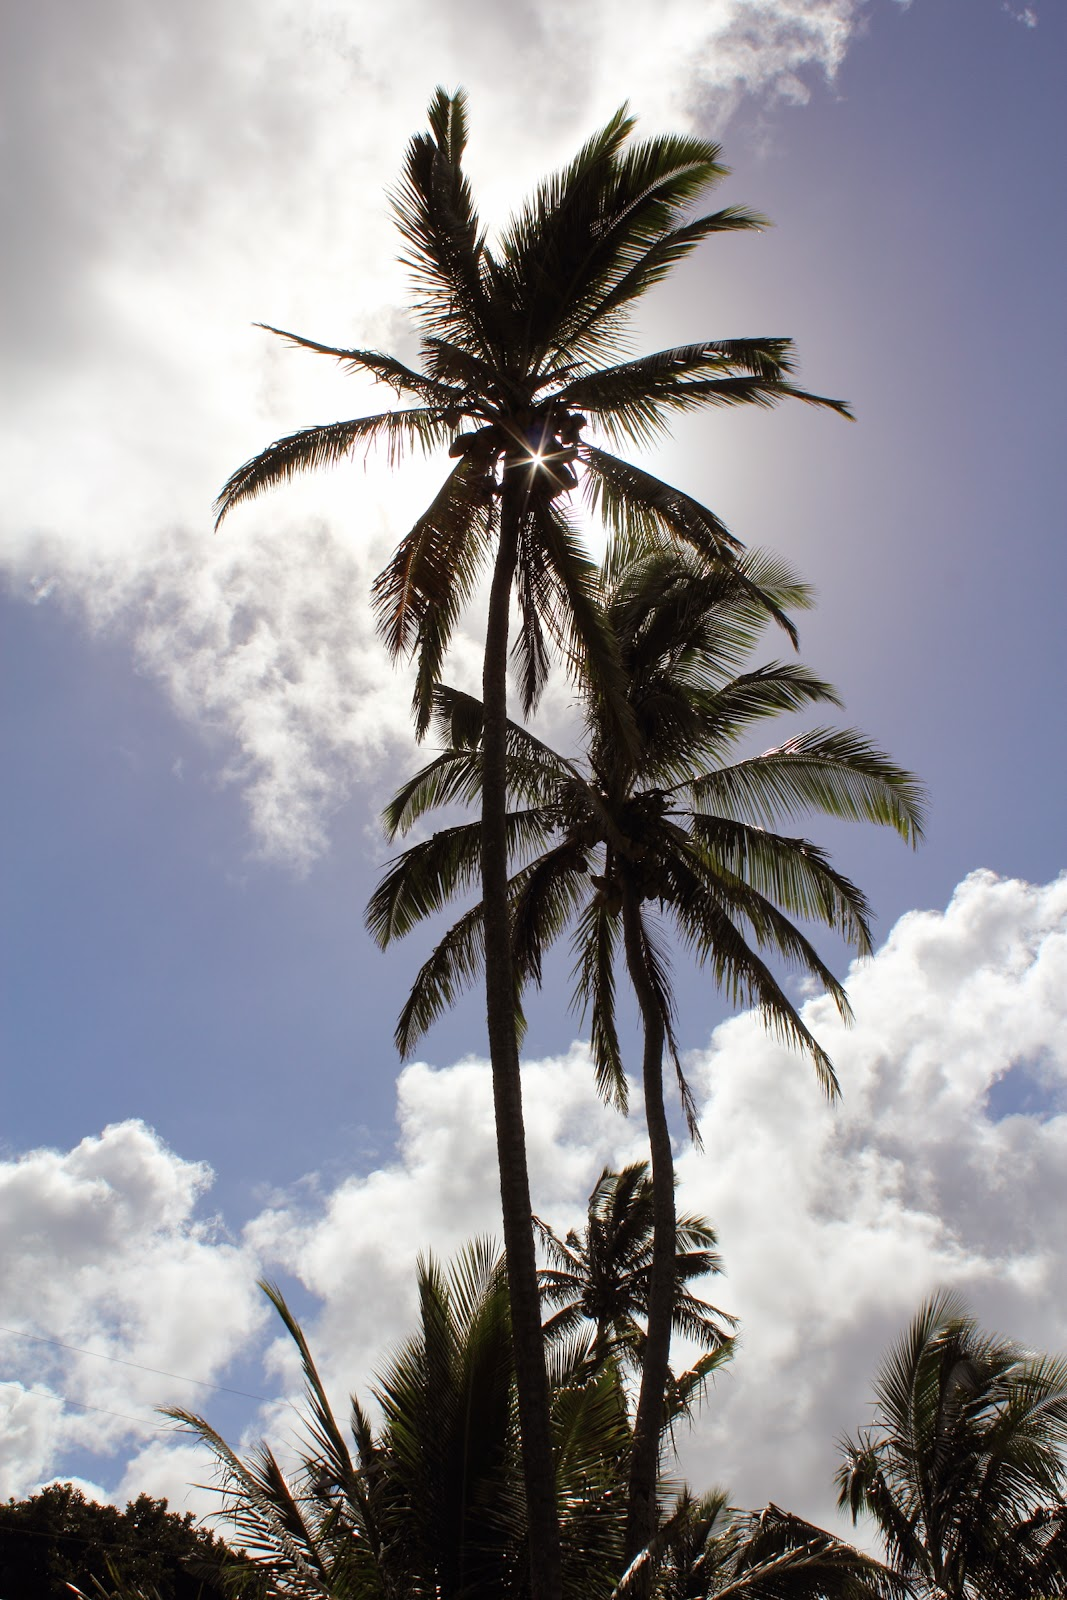 Keanae (Nua'ailua Bay)